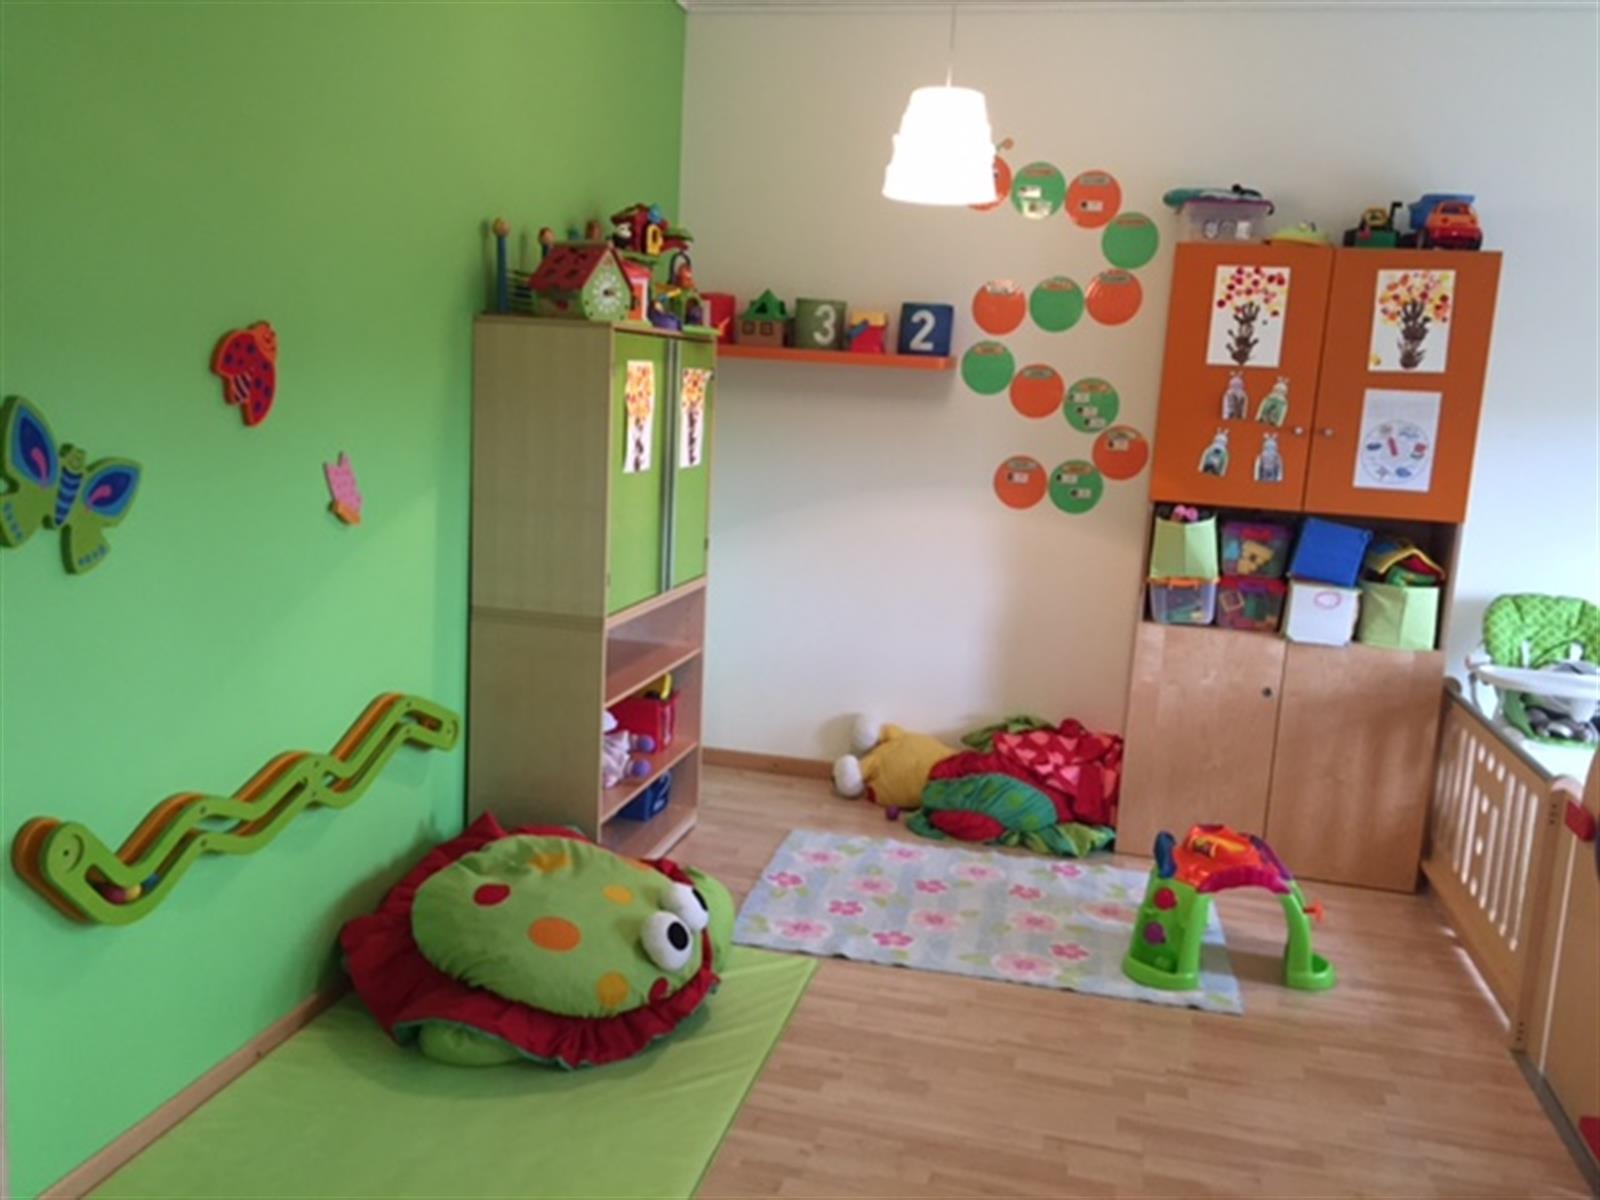 cr che les frimousses activit s pour enfant cr che et foyer de jour editus. Black Bedroom Furniture Sets. Home Design Ideas